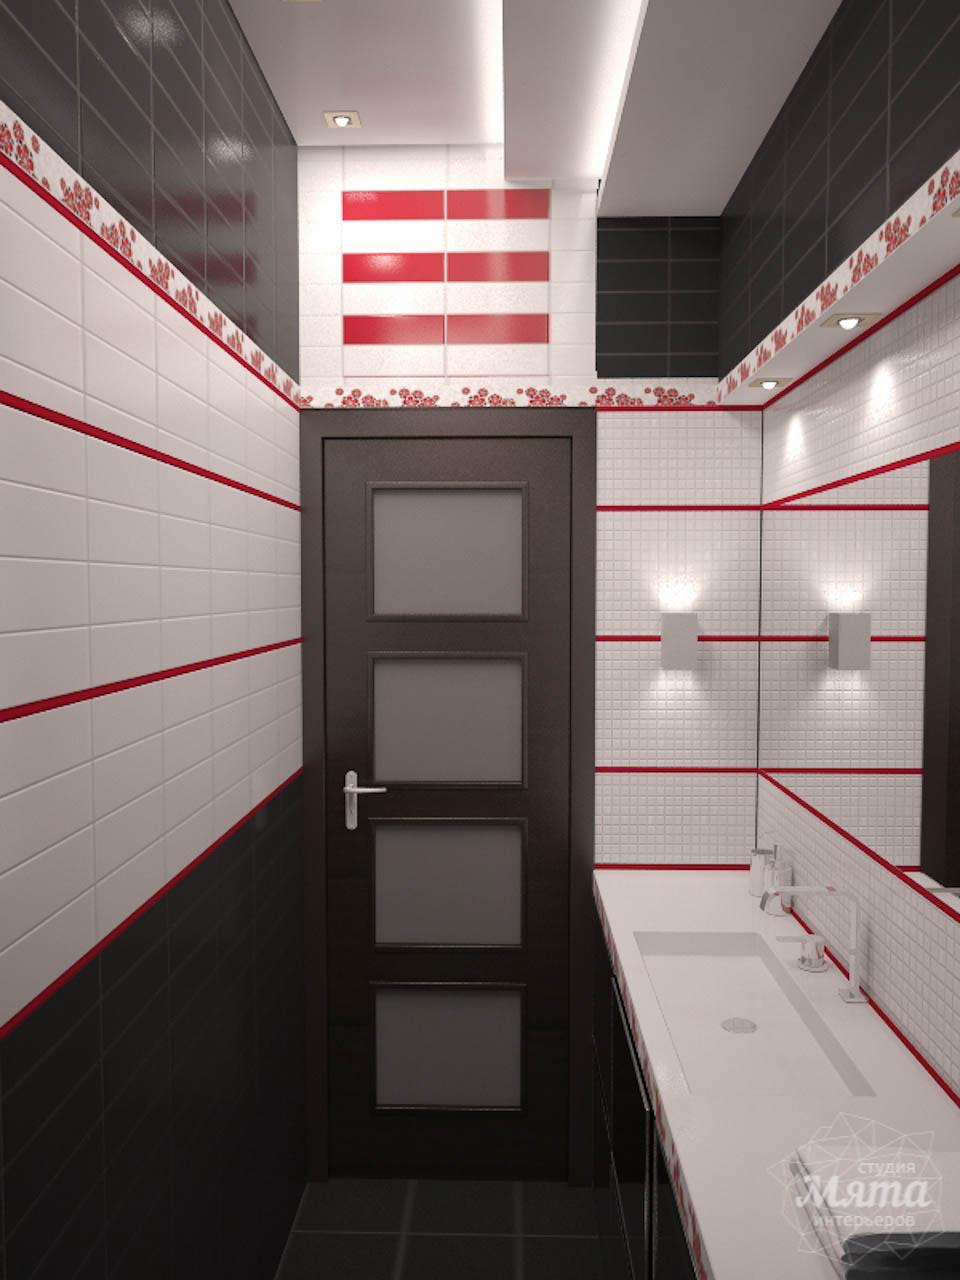 Дизайн интерьера трехкомнатной квартиры по ул. Папанина 18 img122665068